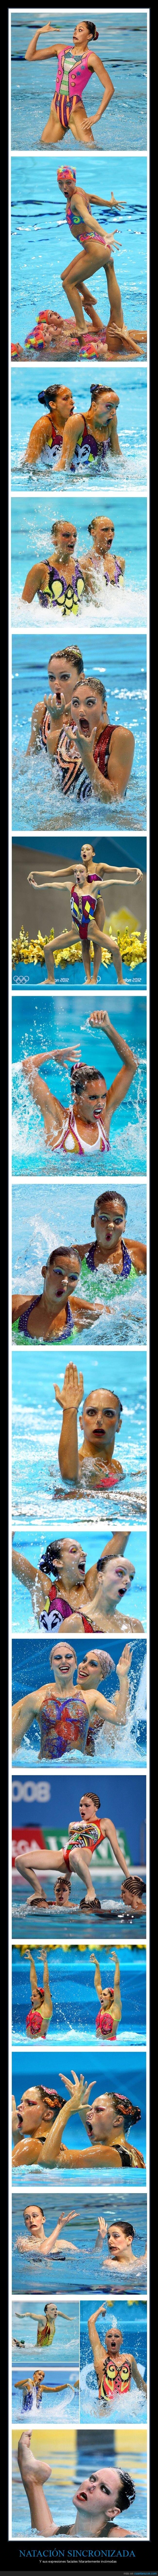 caras,natación sincronizada